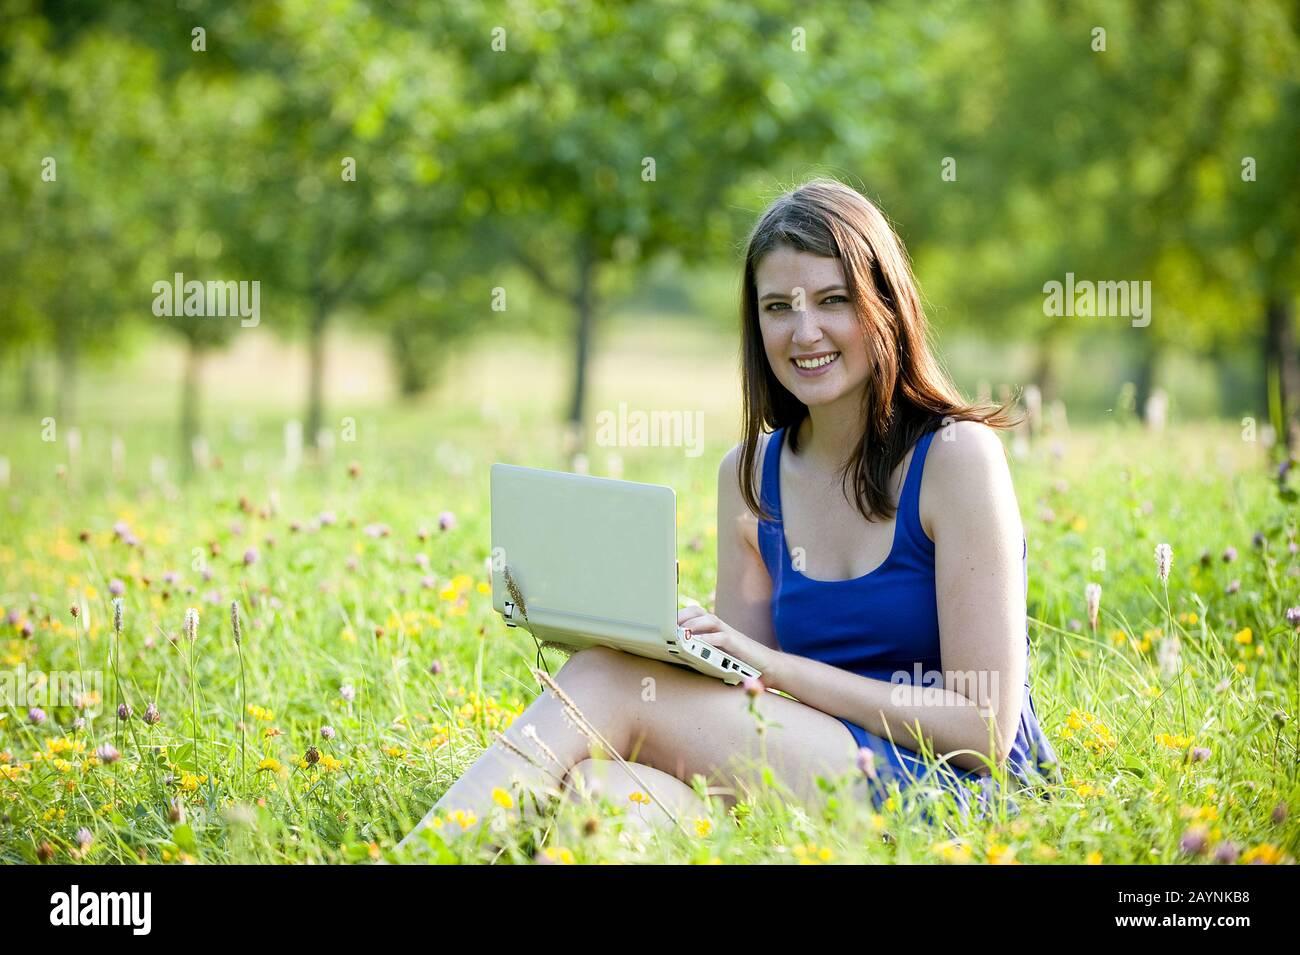 Junge Frau arbeitet mit Laptop Stock Photo